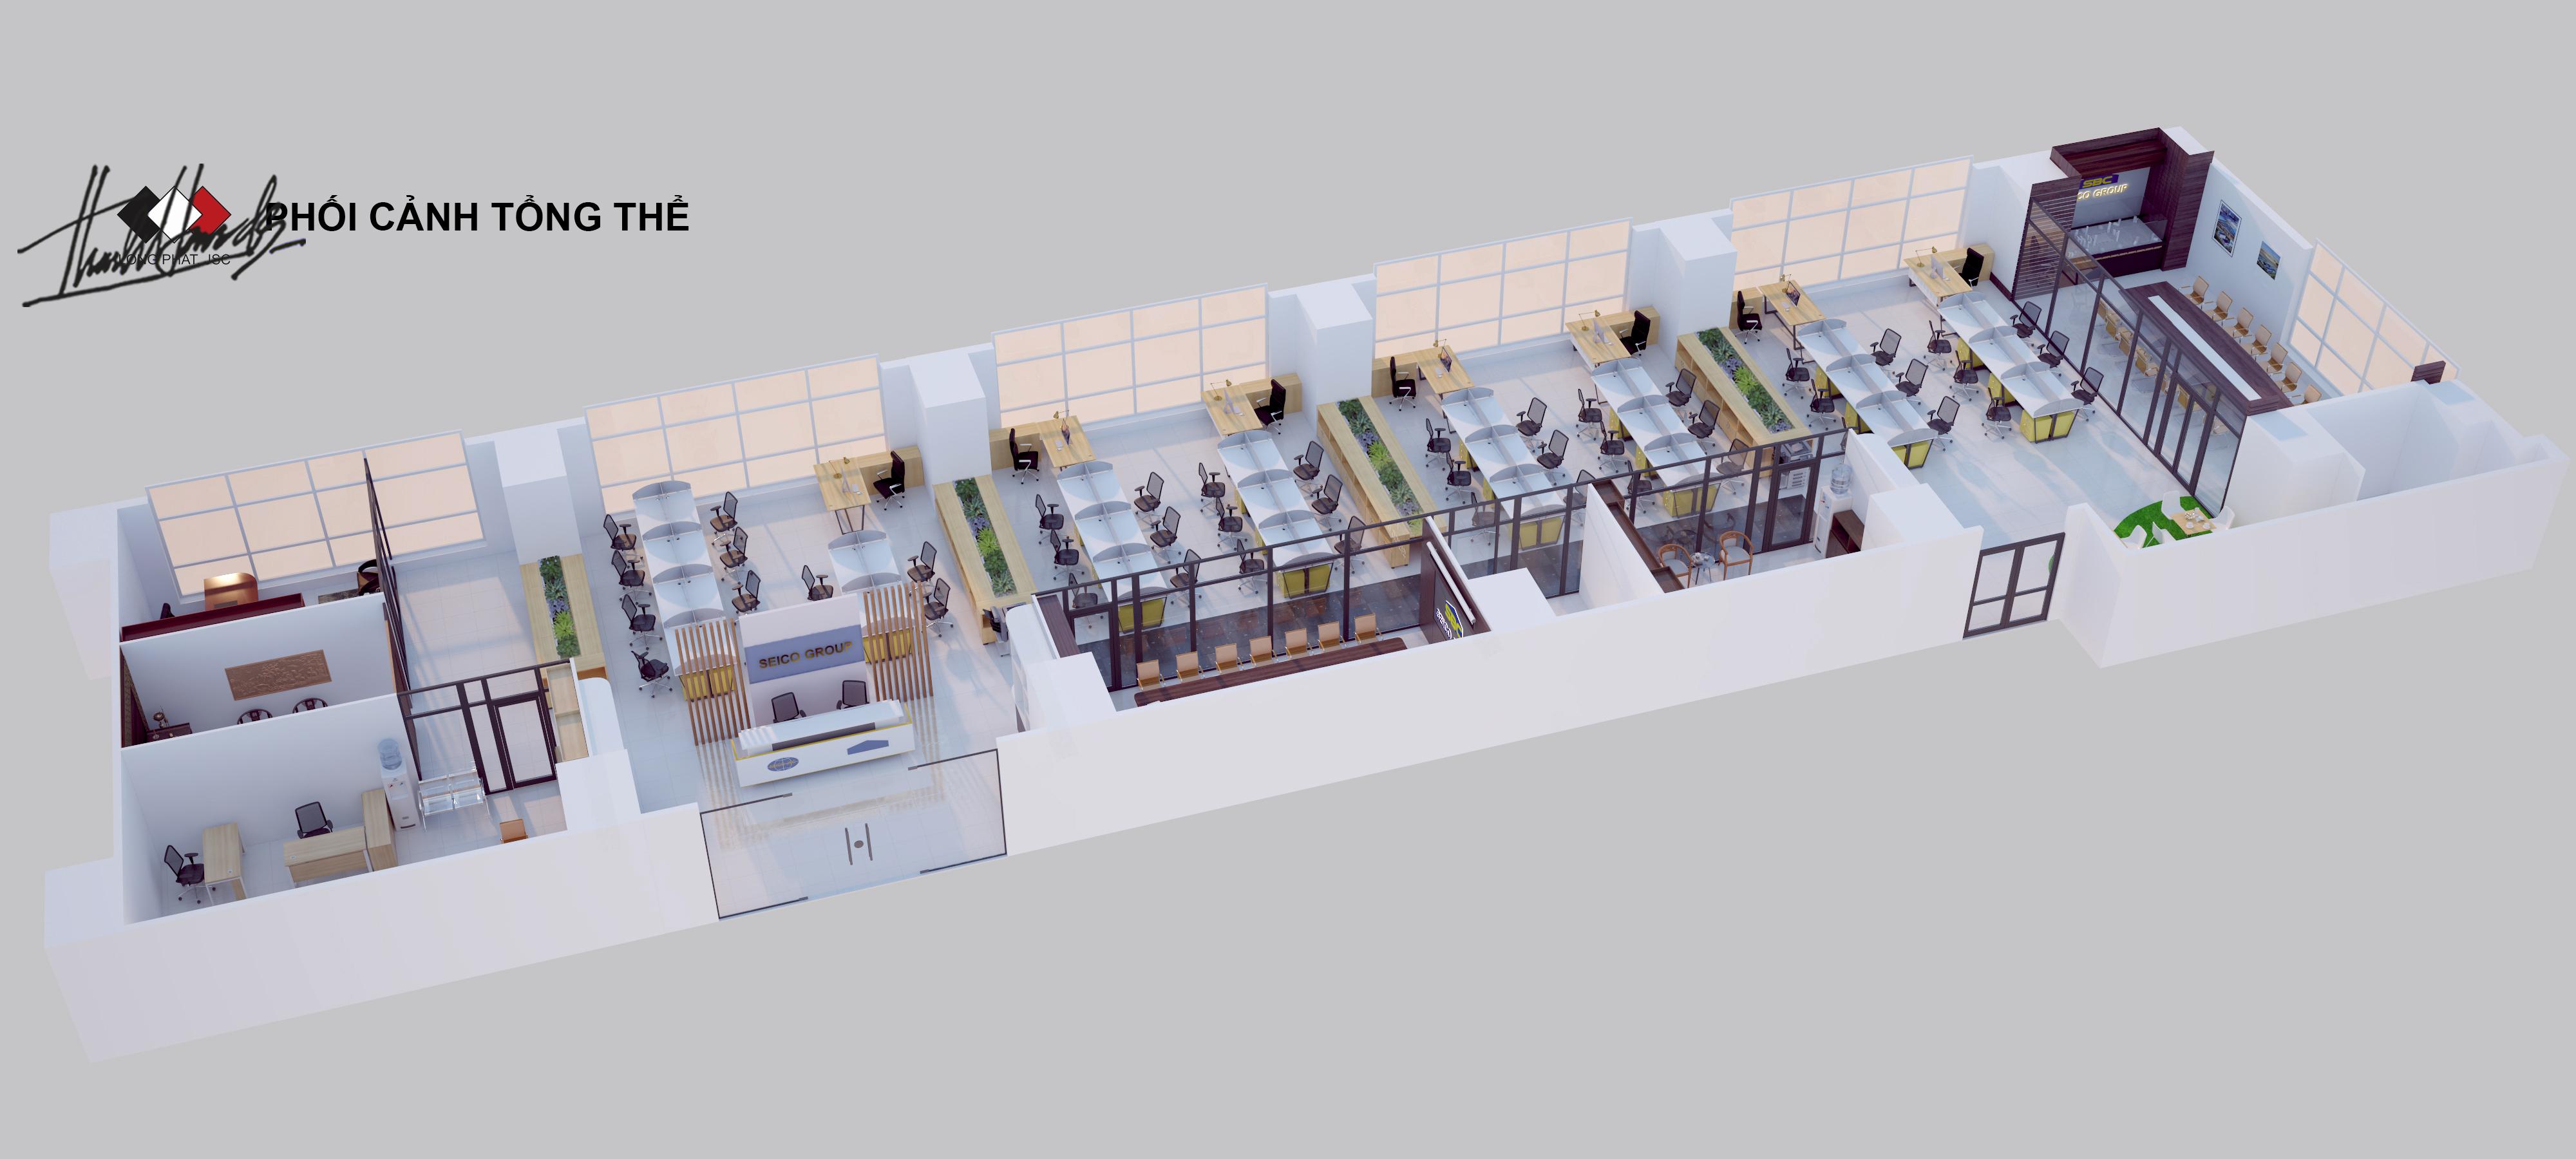 thiết kế nội thất Văn Phòng tại Hà Nội Văn phong SEIKO 1 1568274665